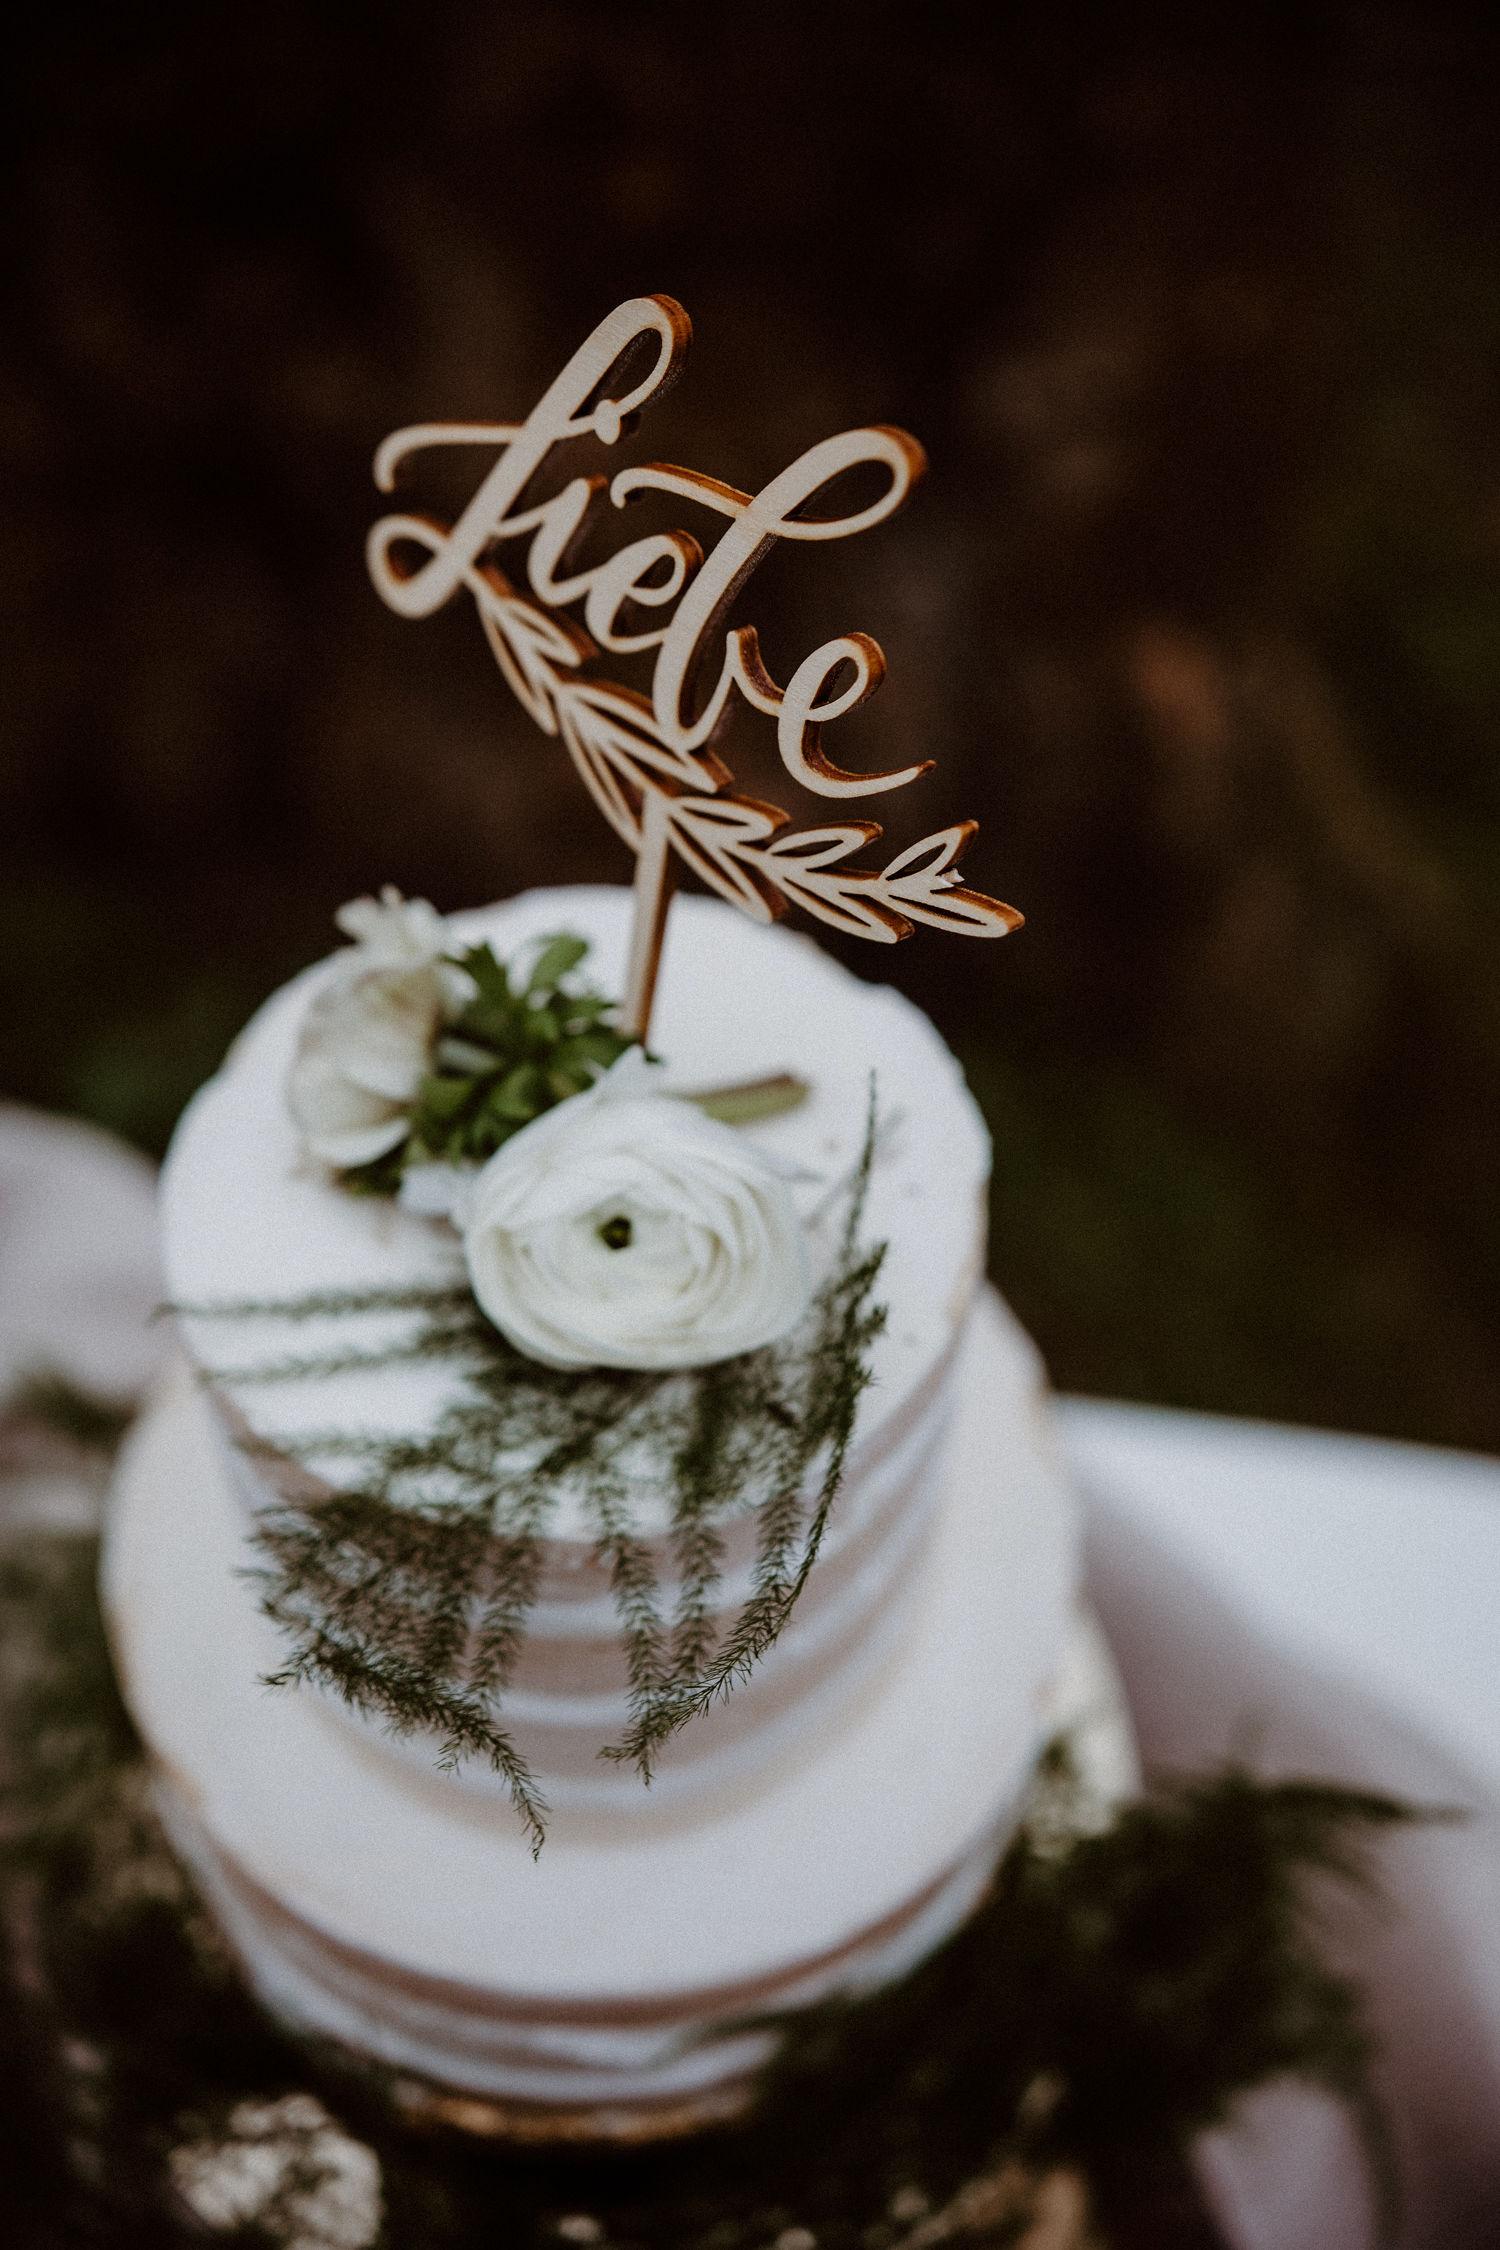 Cake Topper Hochzeit mit Liebe,Tortentopper Hochzeit, Kuchentopper Hochzeit, Tortentopper Taufe